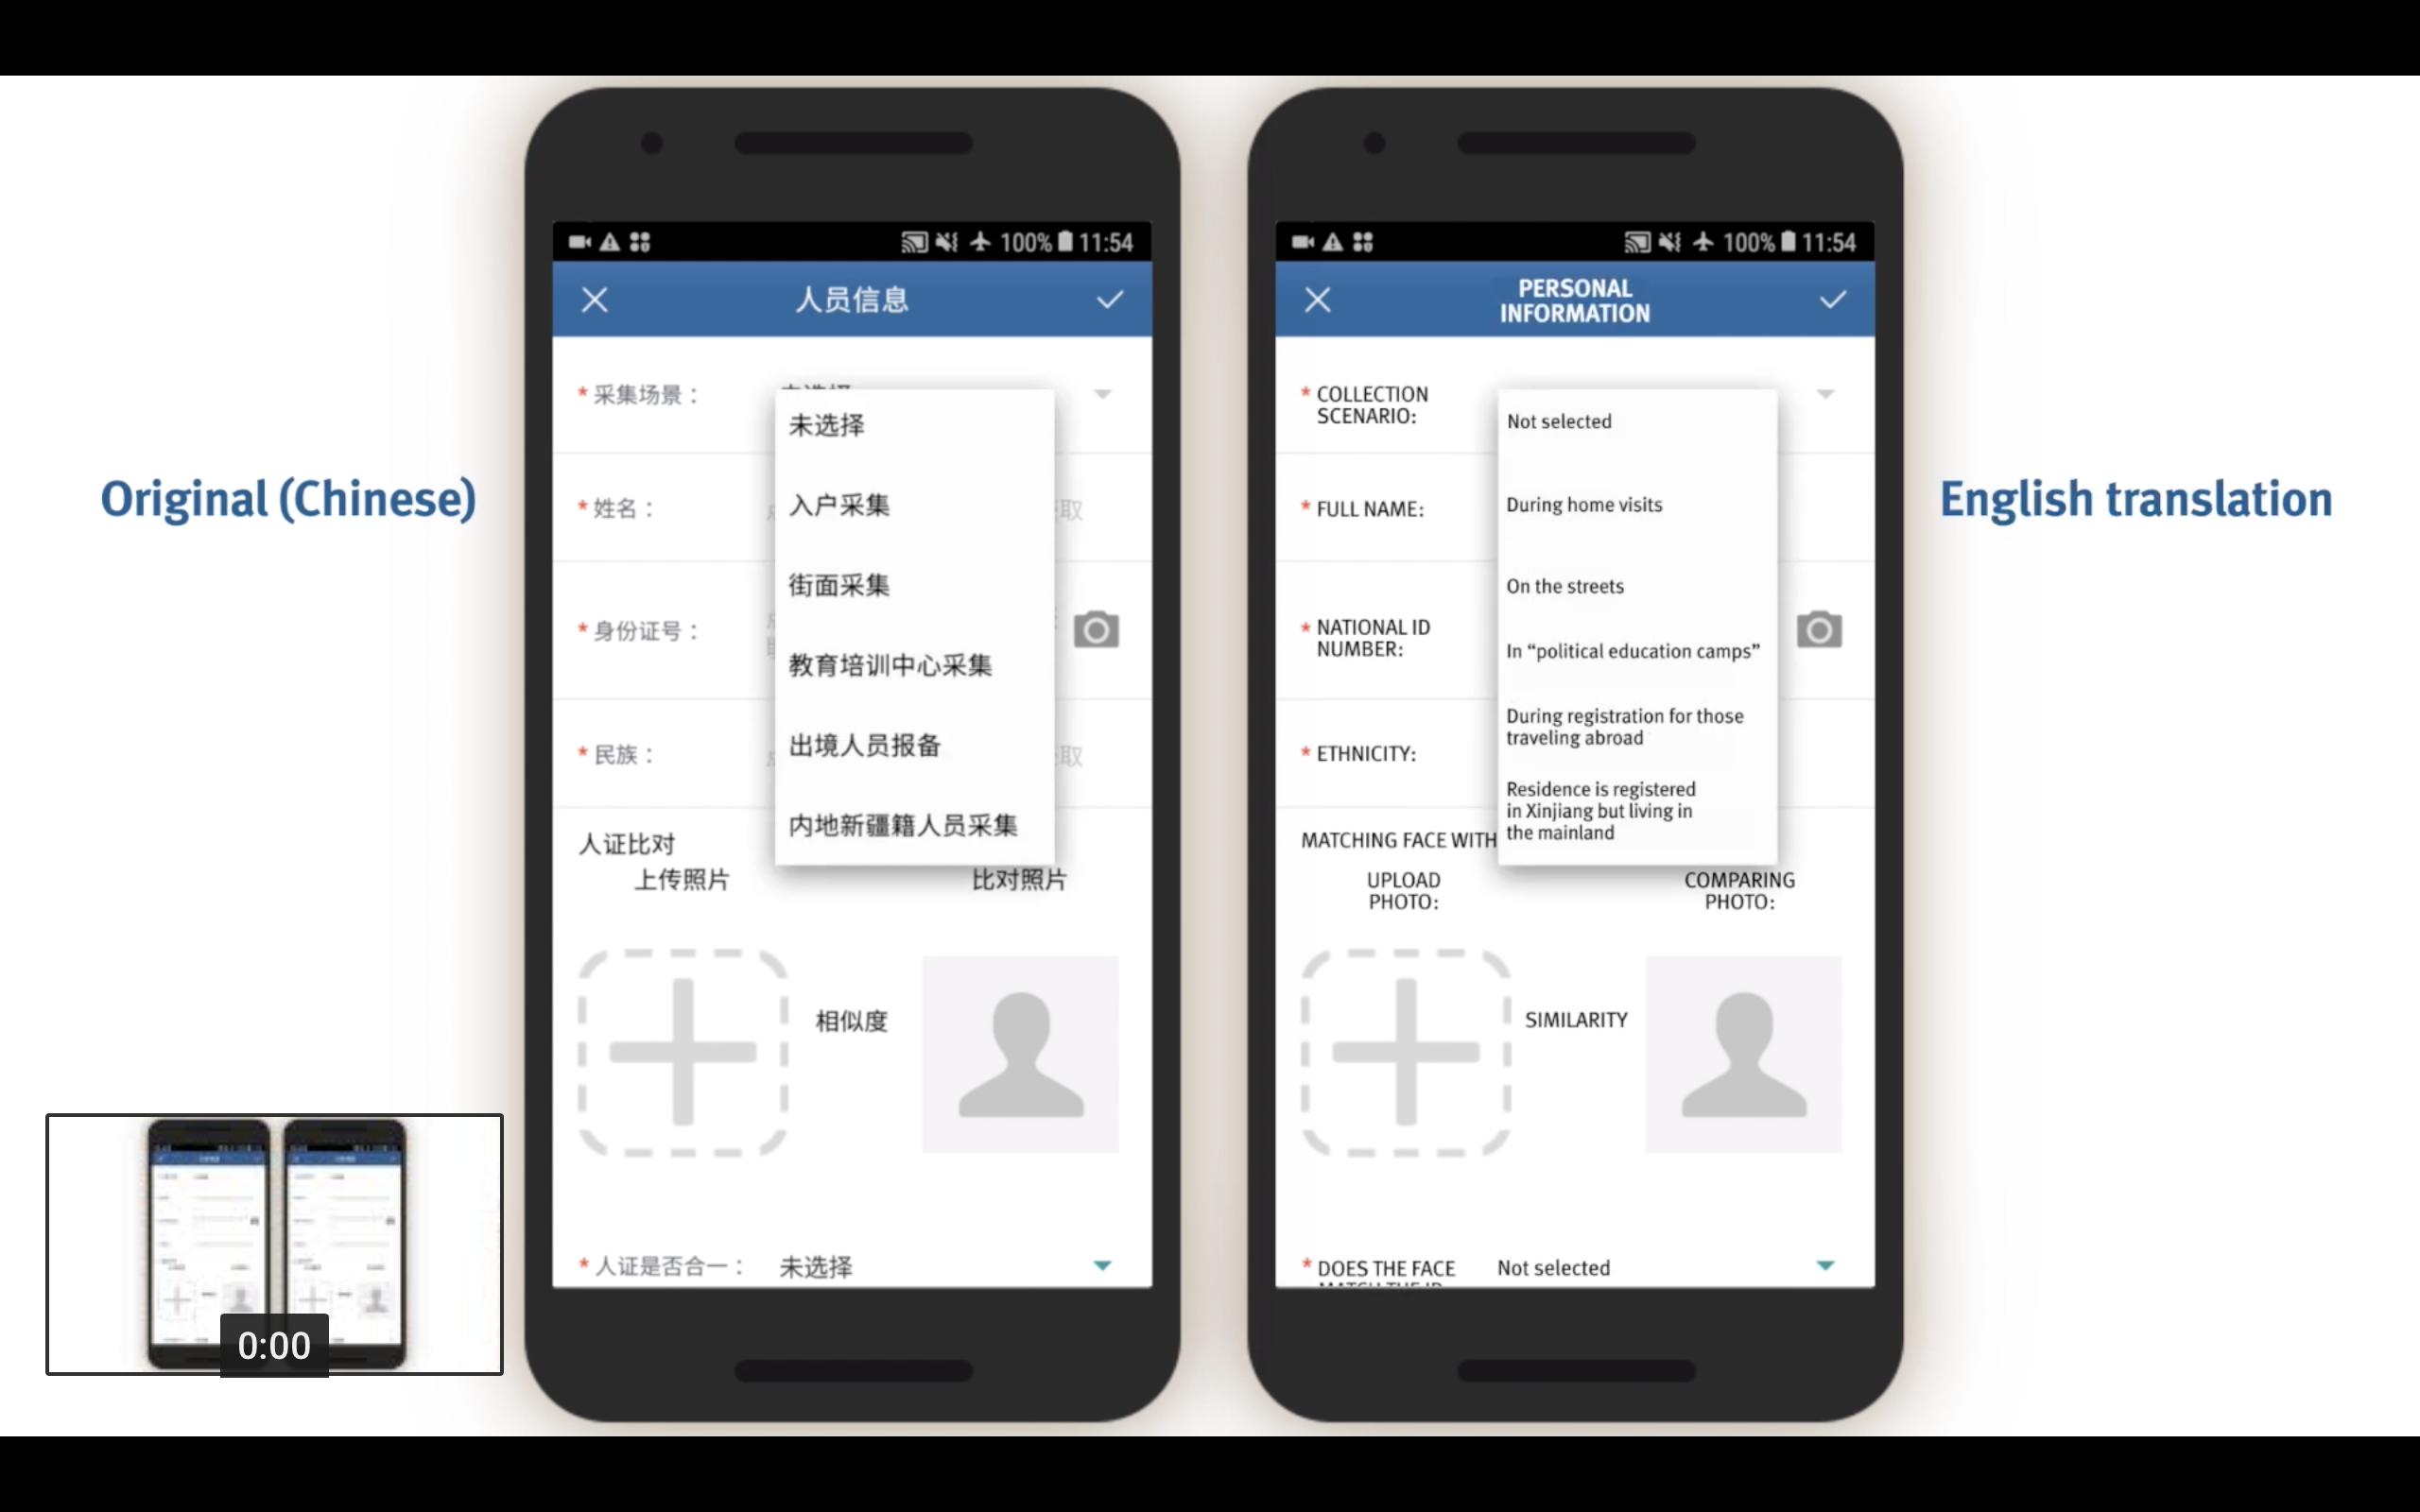 「作戰平台」程式,要求調查人員列明信息收集的地點。